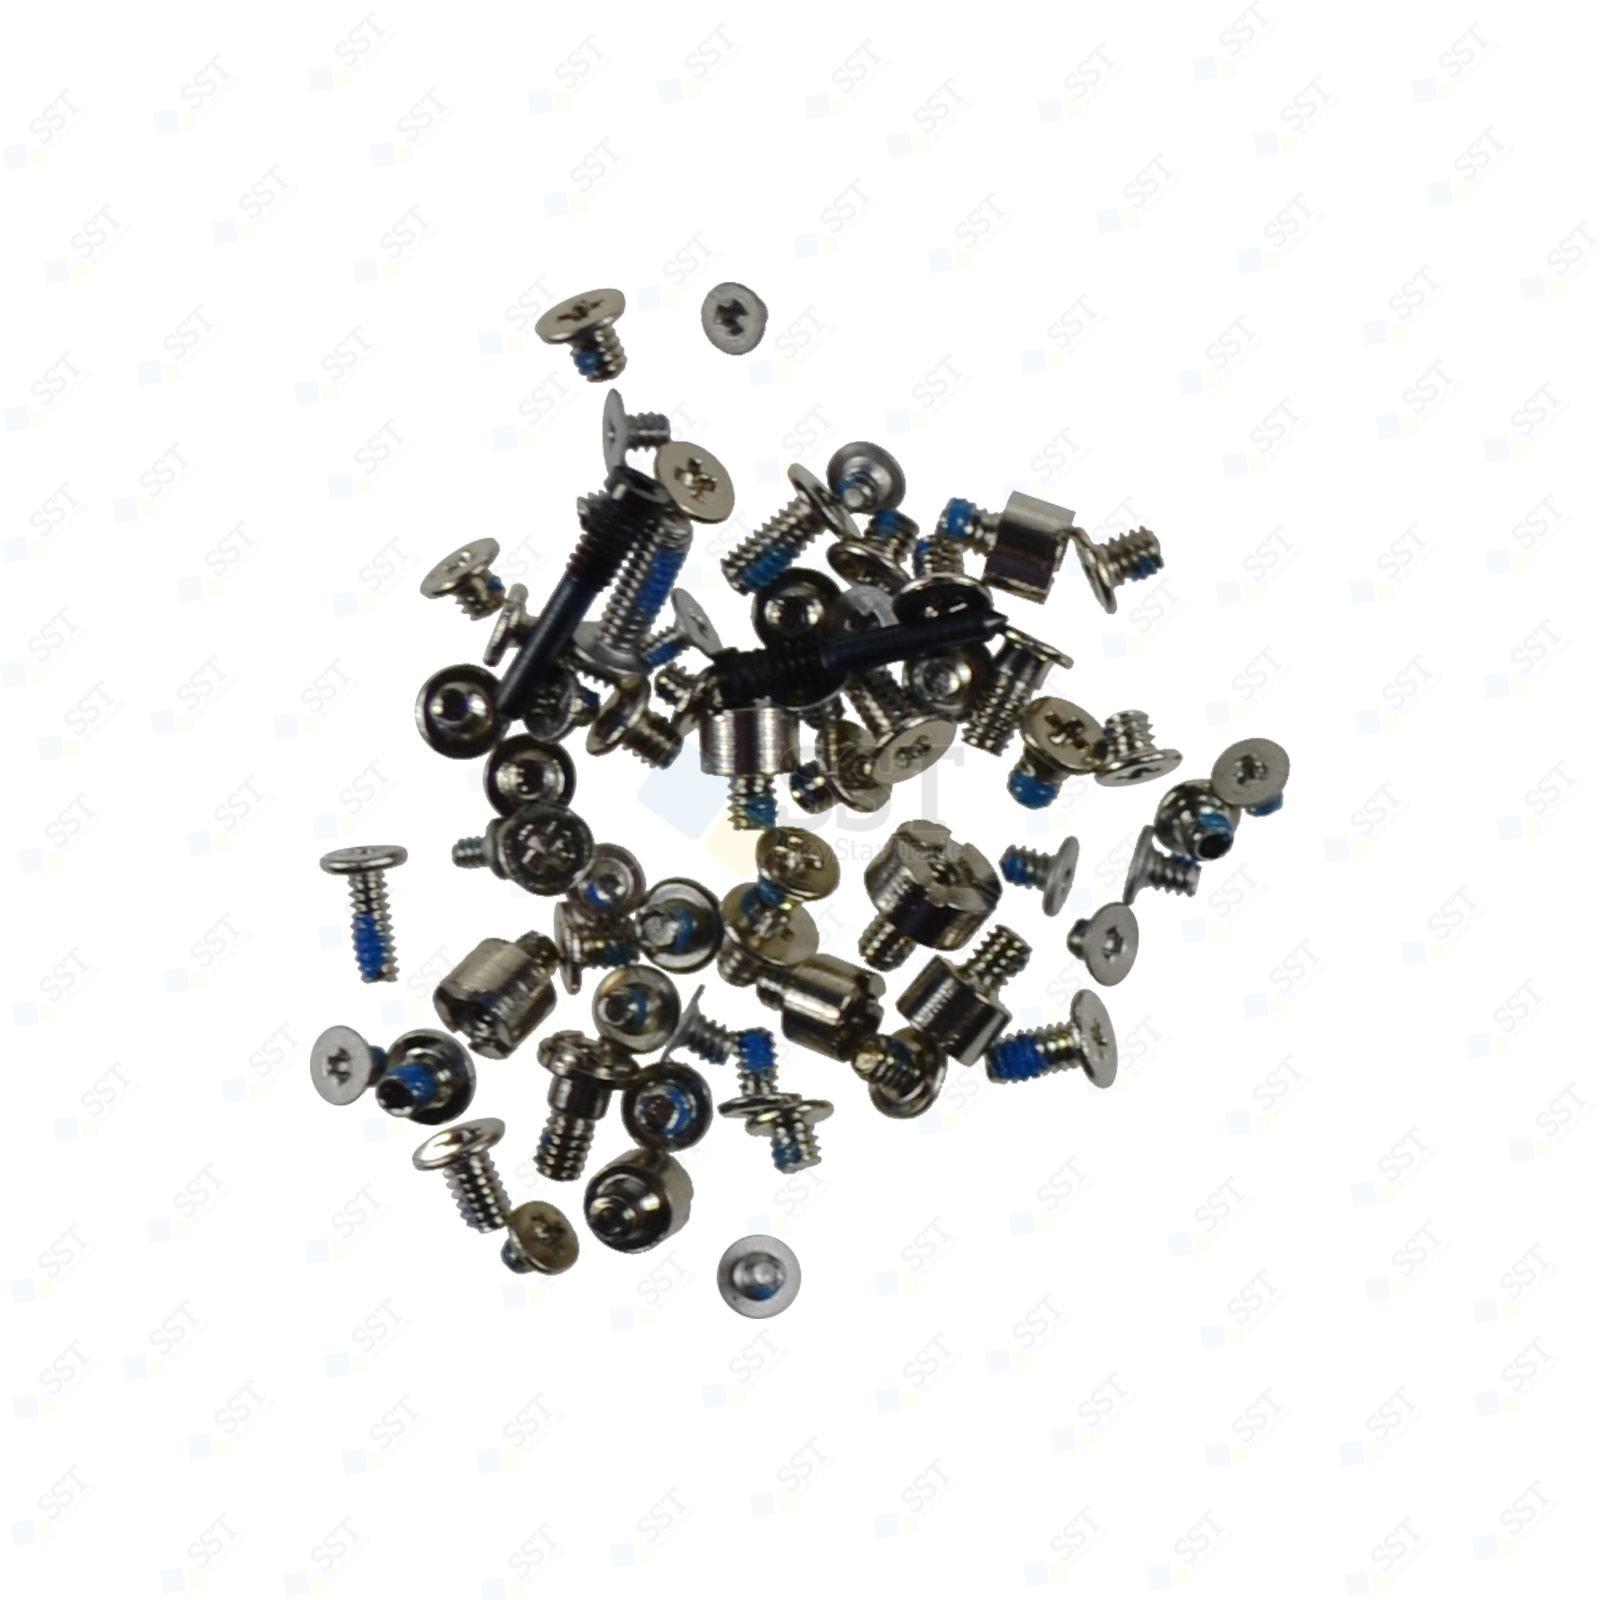 iPhone XS Max A1921 A2101 A2102 A2103 A2104 Screw, Black, Full Set